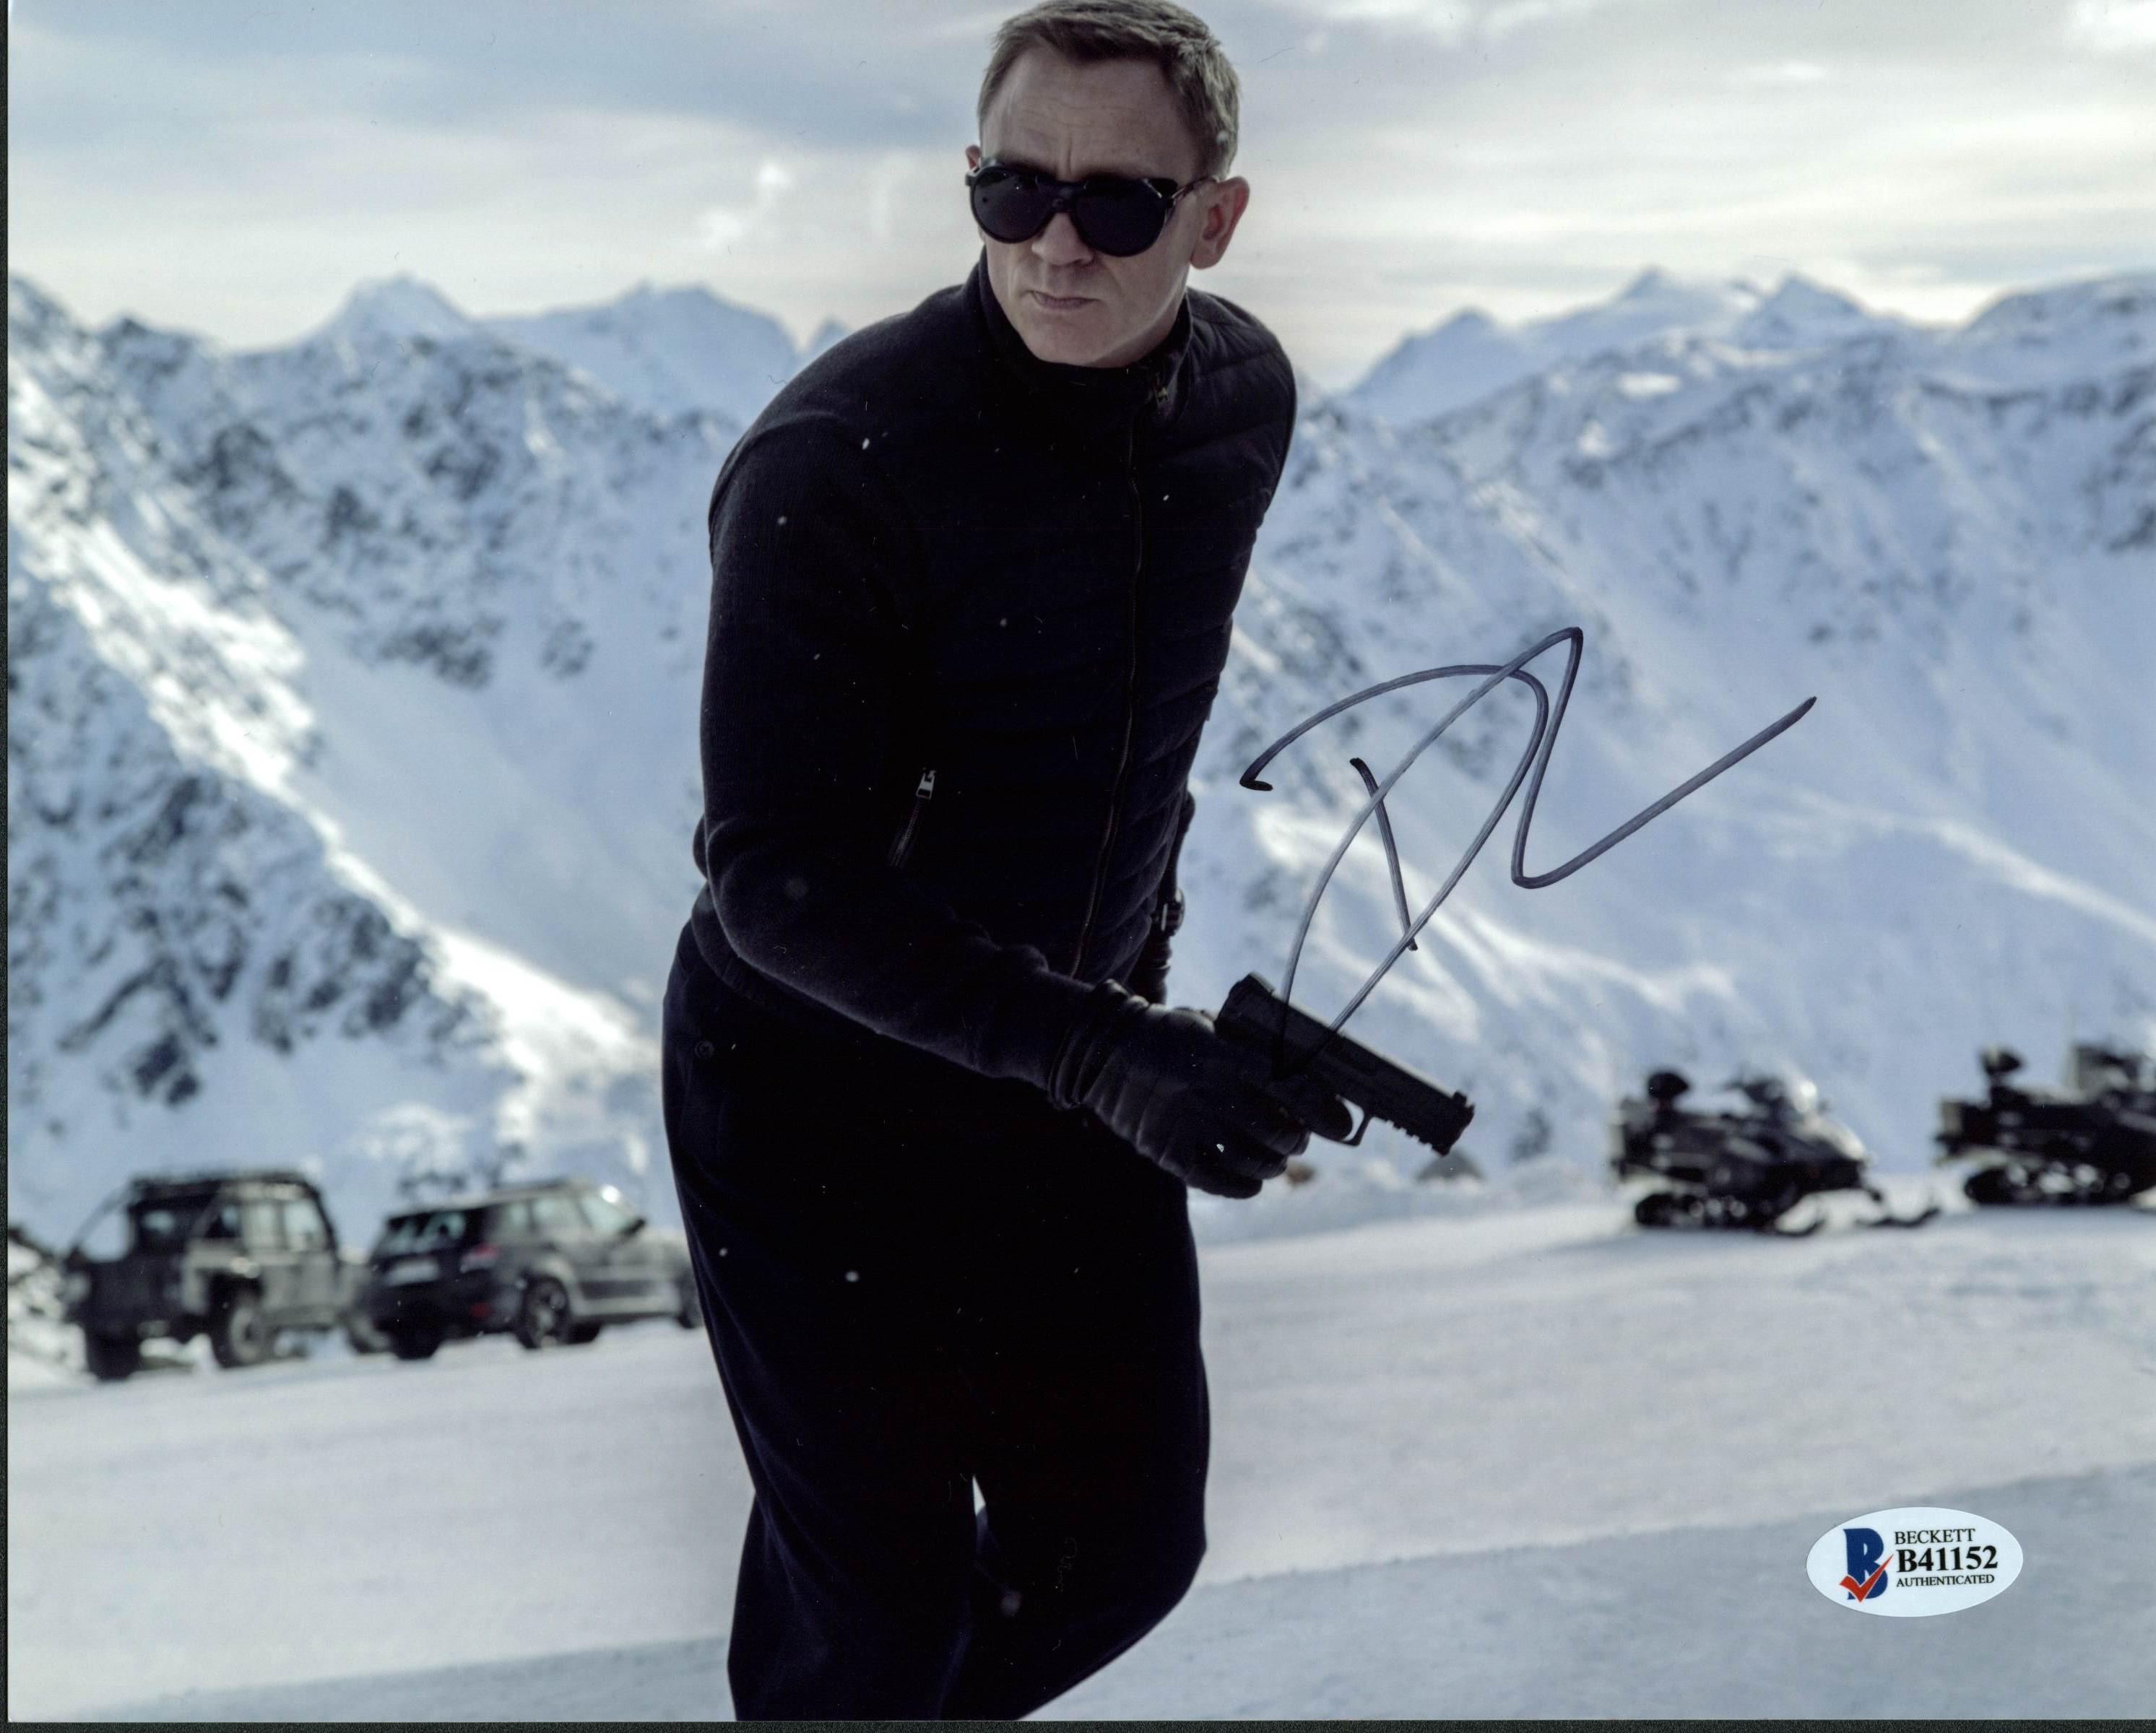 Daniel Craig James Bond 007 Authentic Signed 8X10 Photo Autographed BAS #B41156